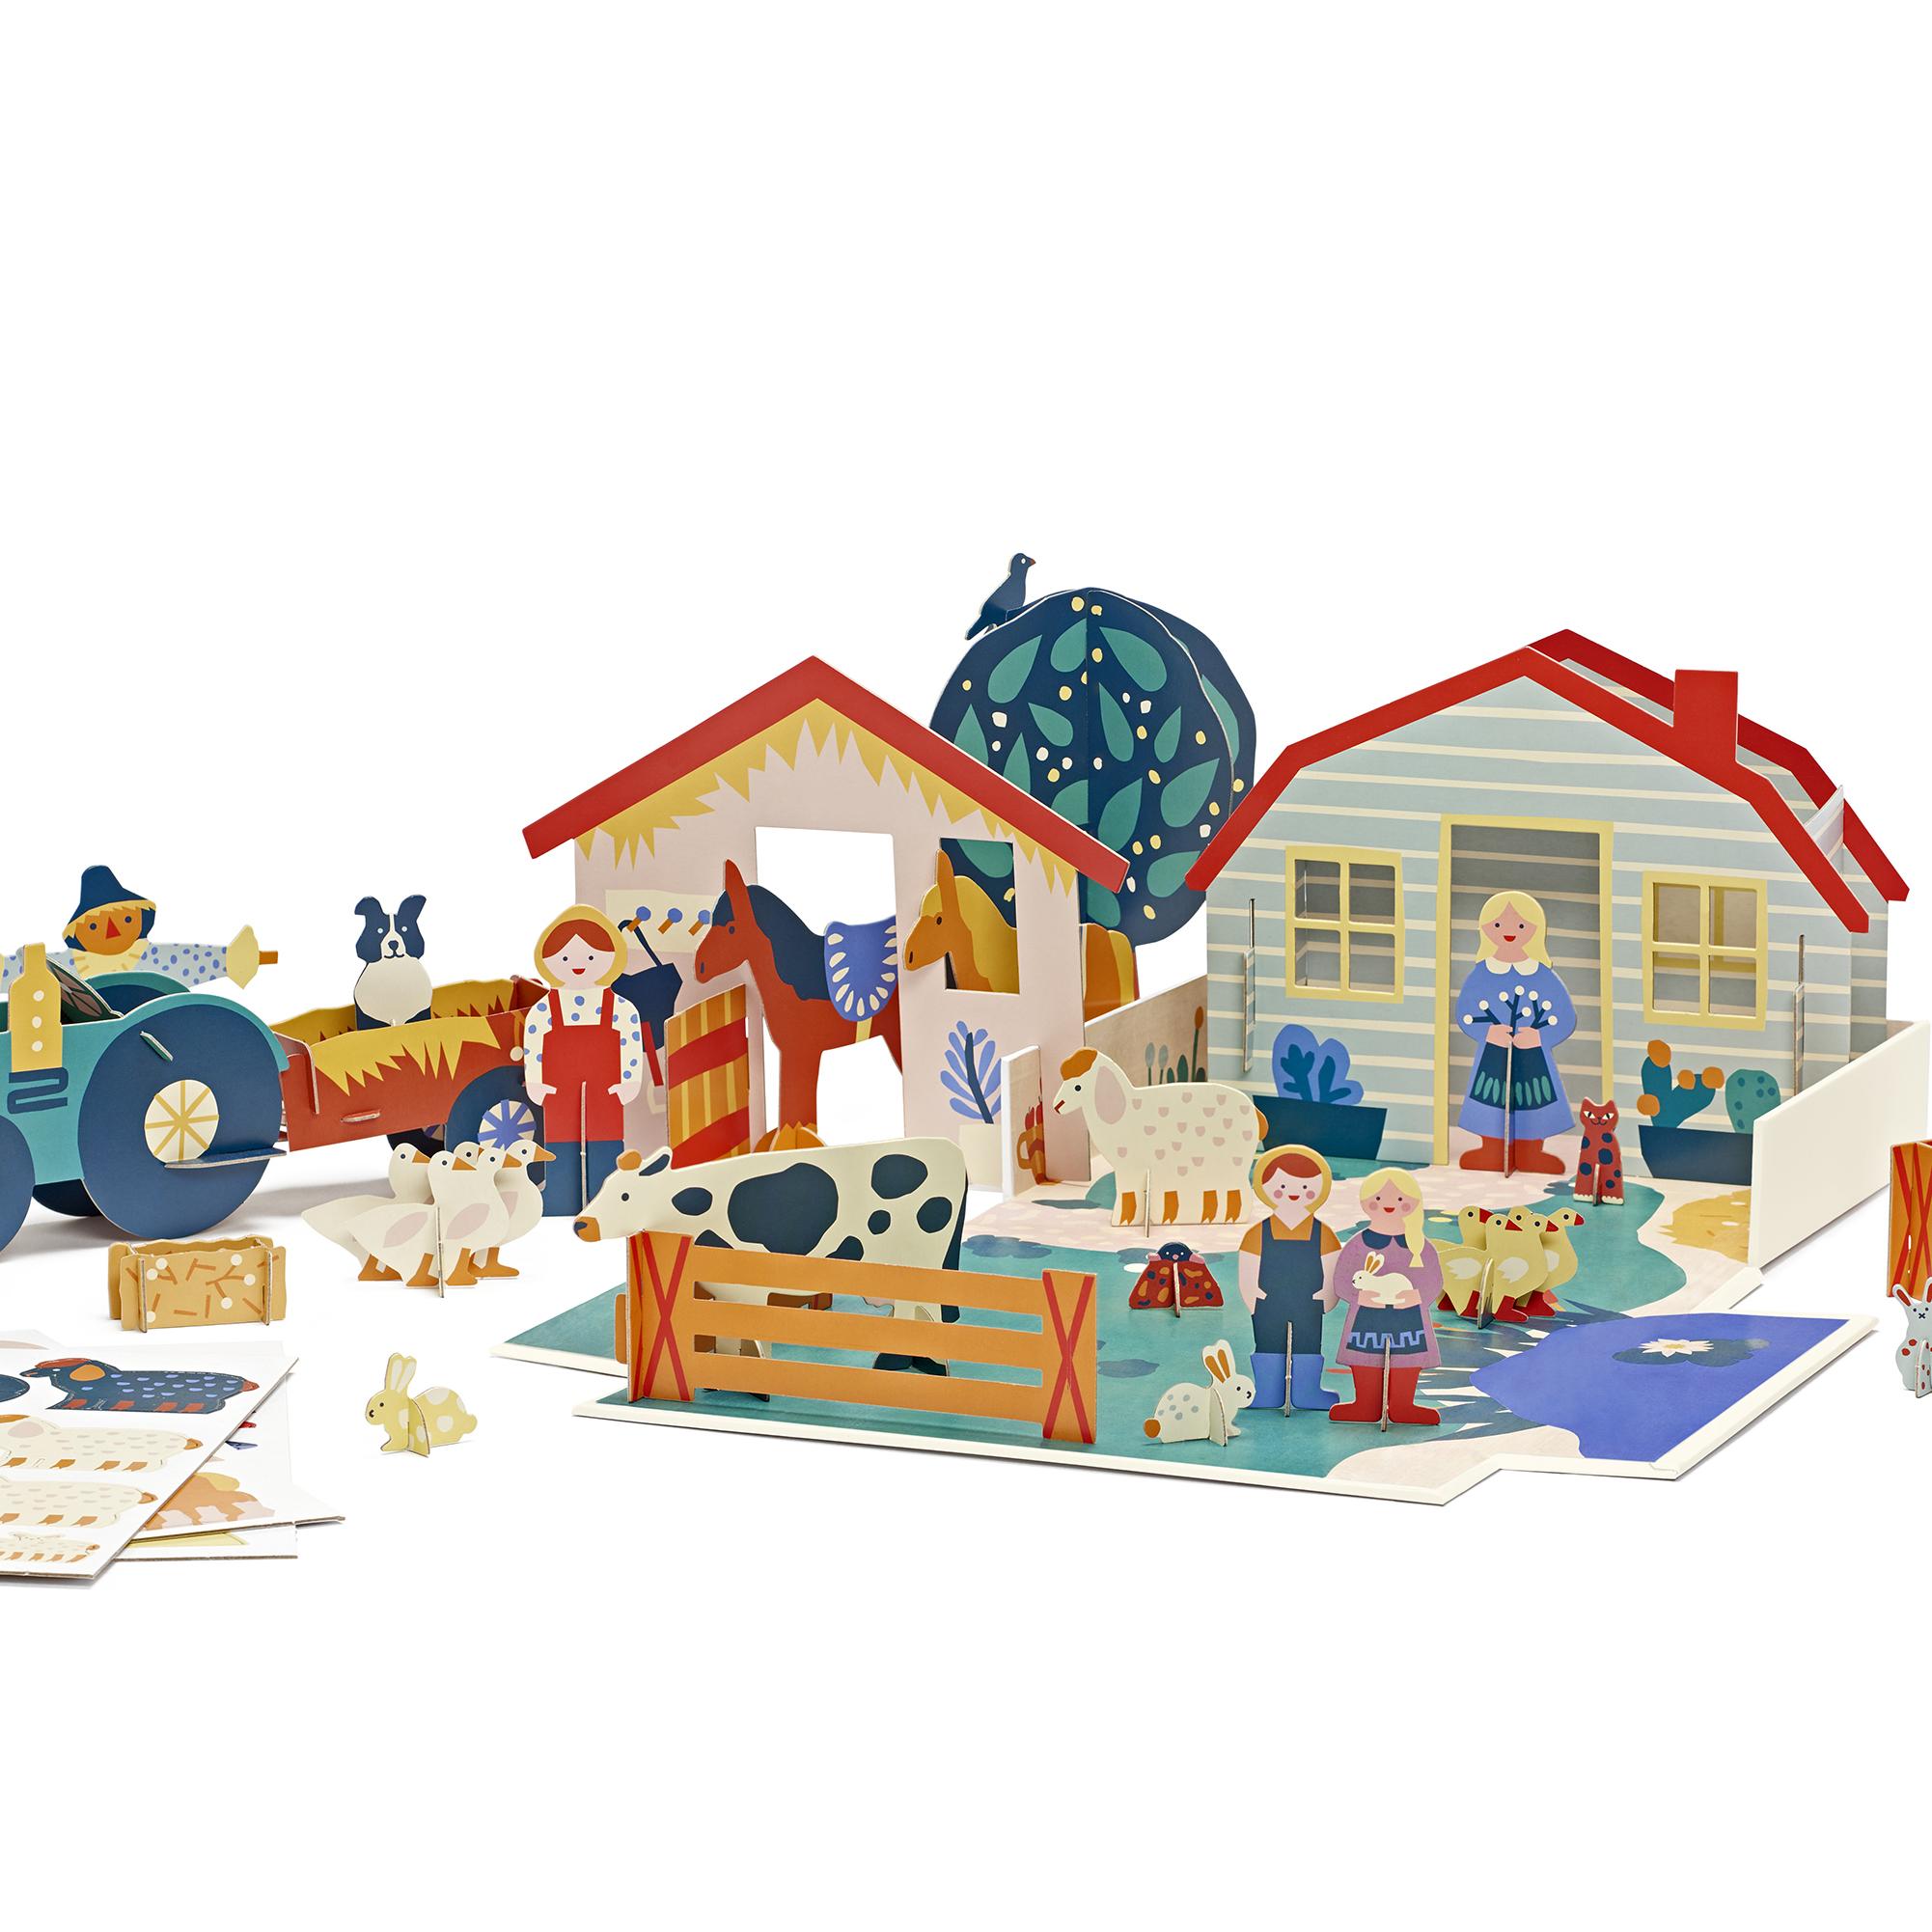 Activity Kits - Category Image